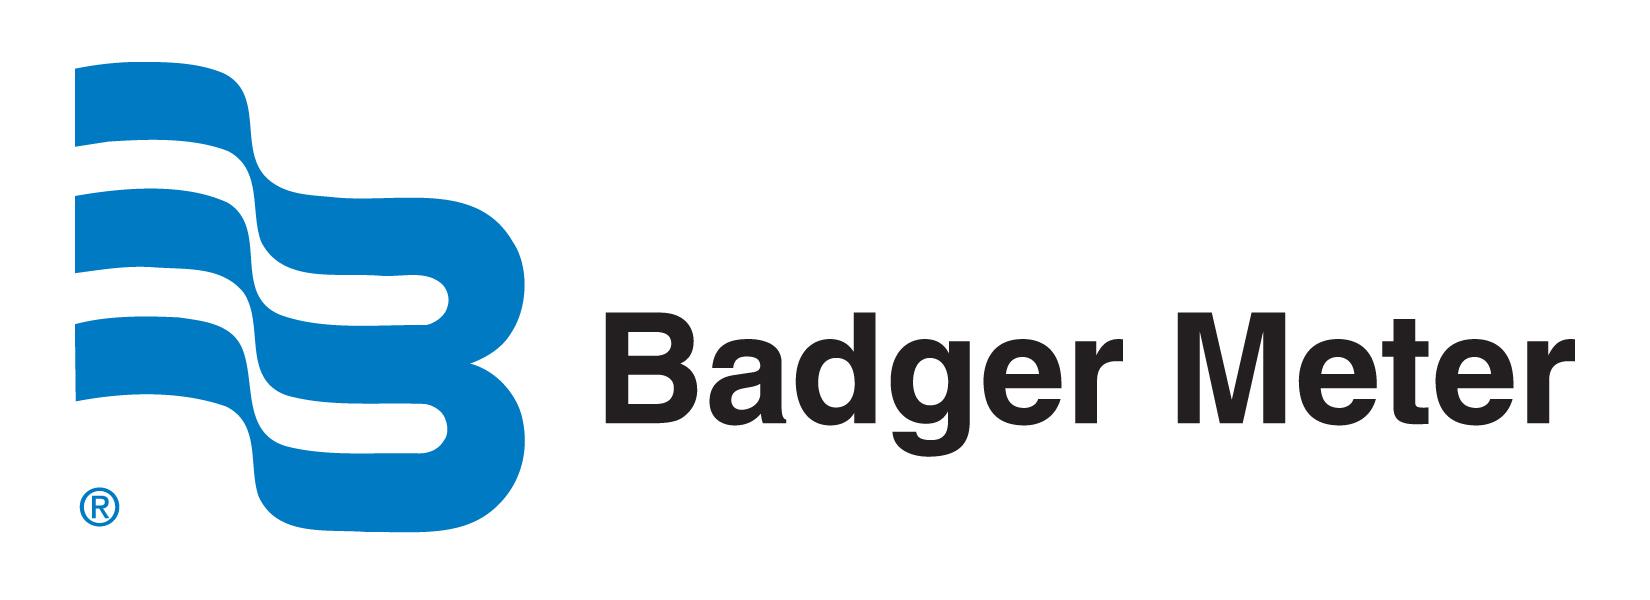 Badger Meter Logo.jpg